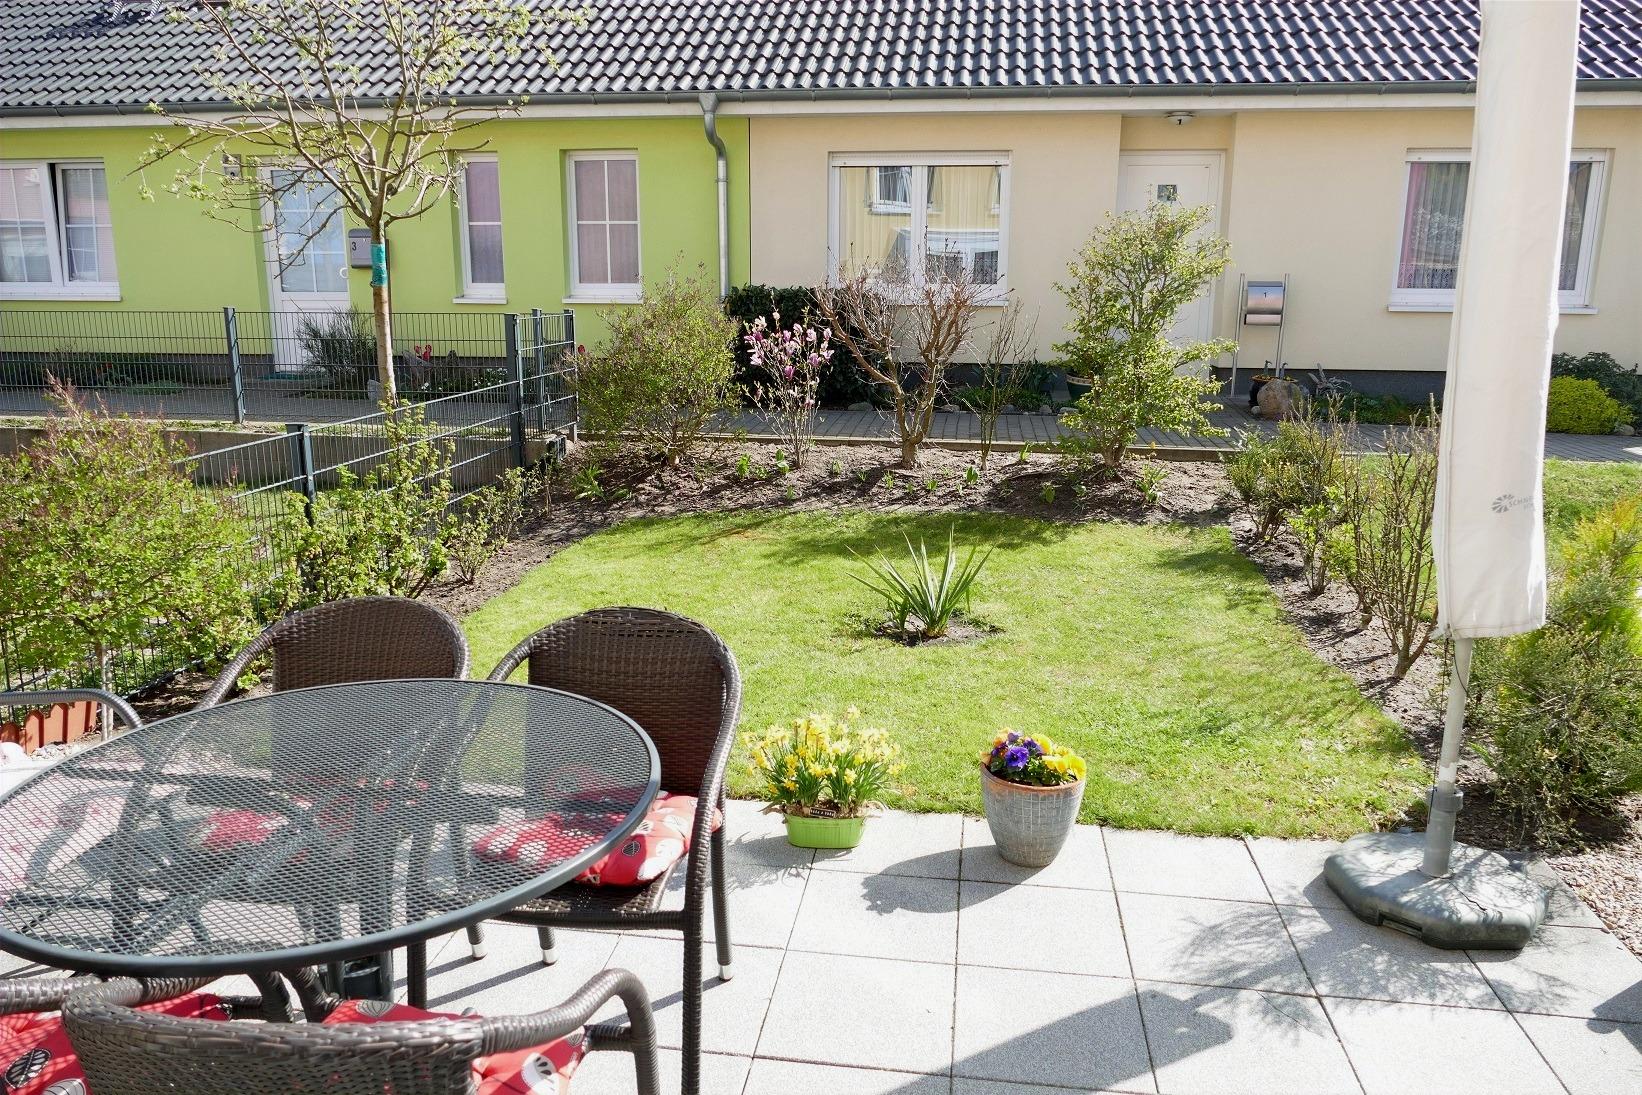 Außenterrasse mit Blick in Garten